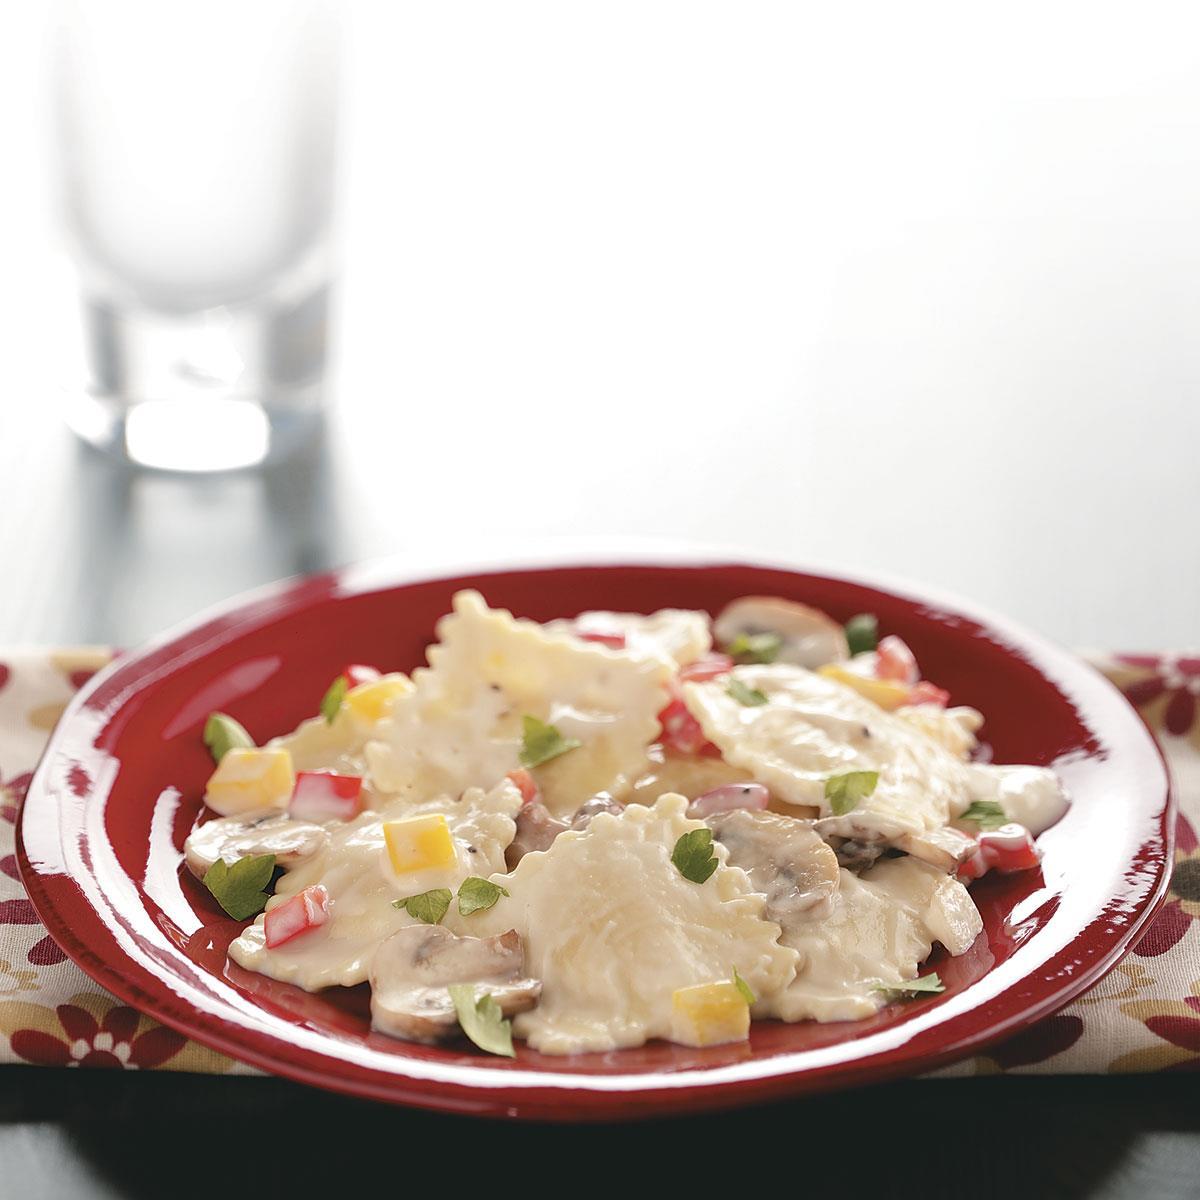 Mushroom Cheese Ravioli Recipe | Taste of Home